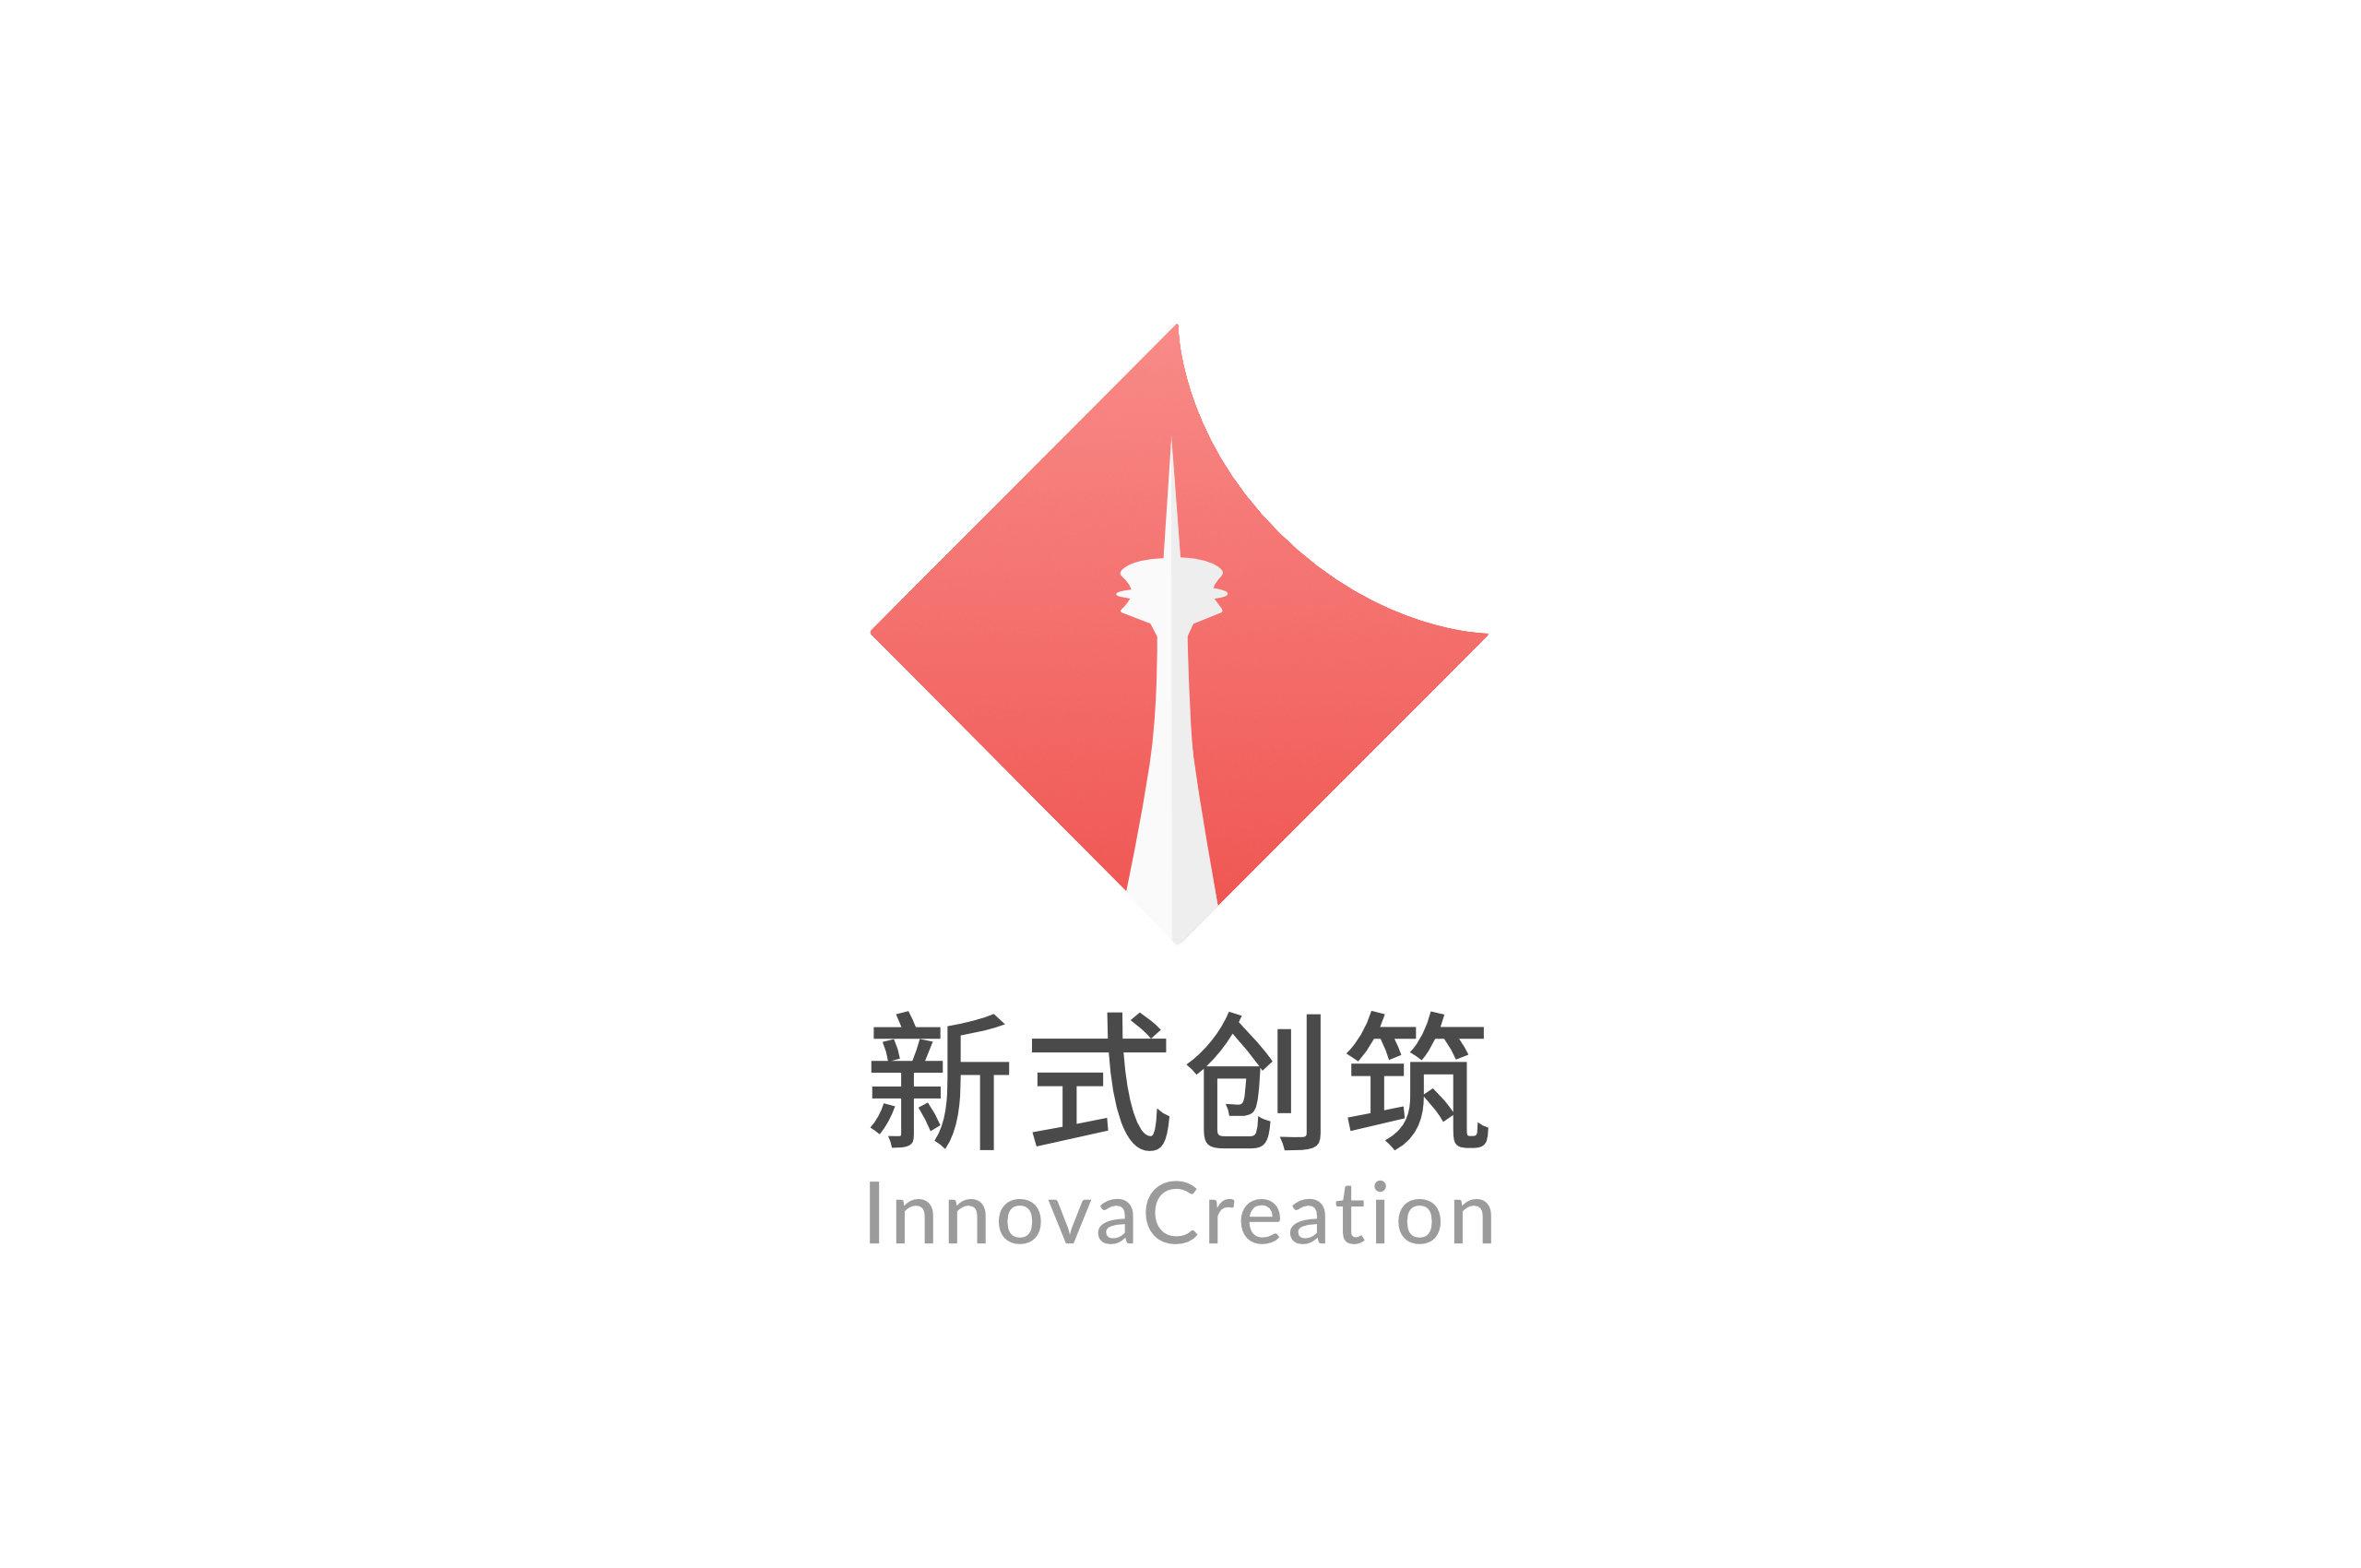 ic-logo-bg.jpg